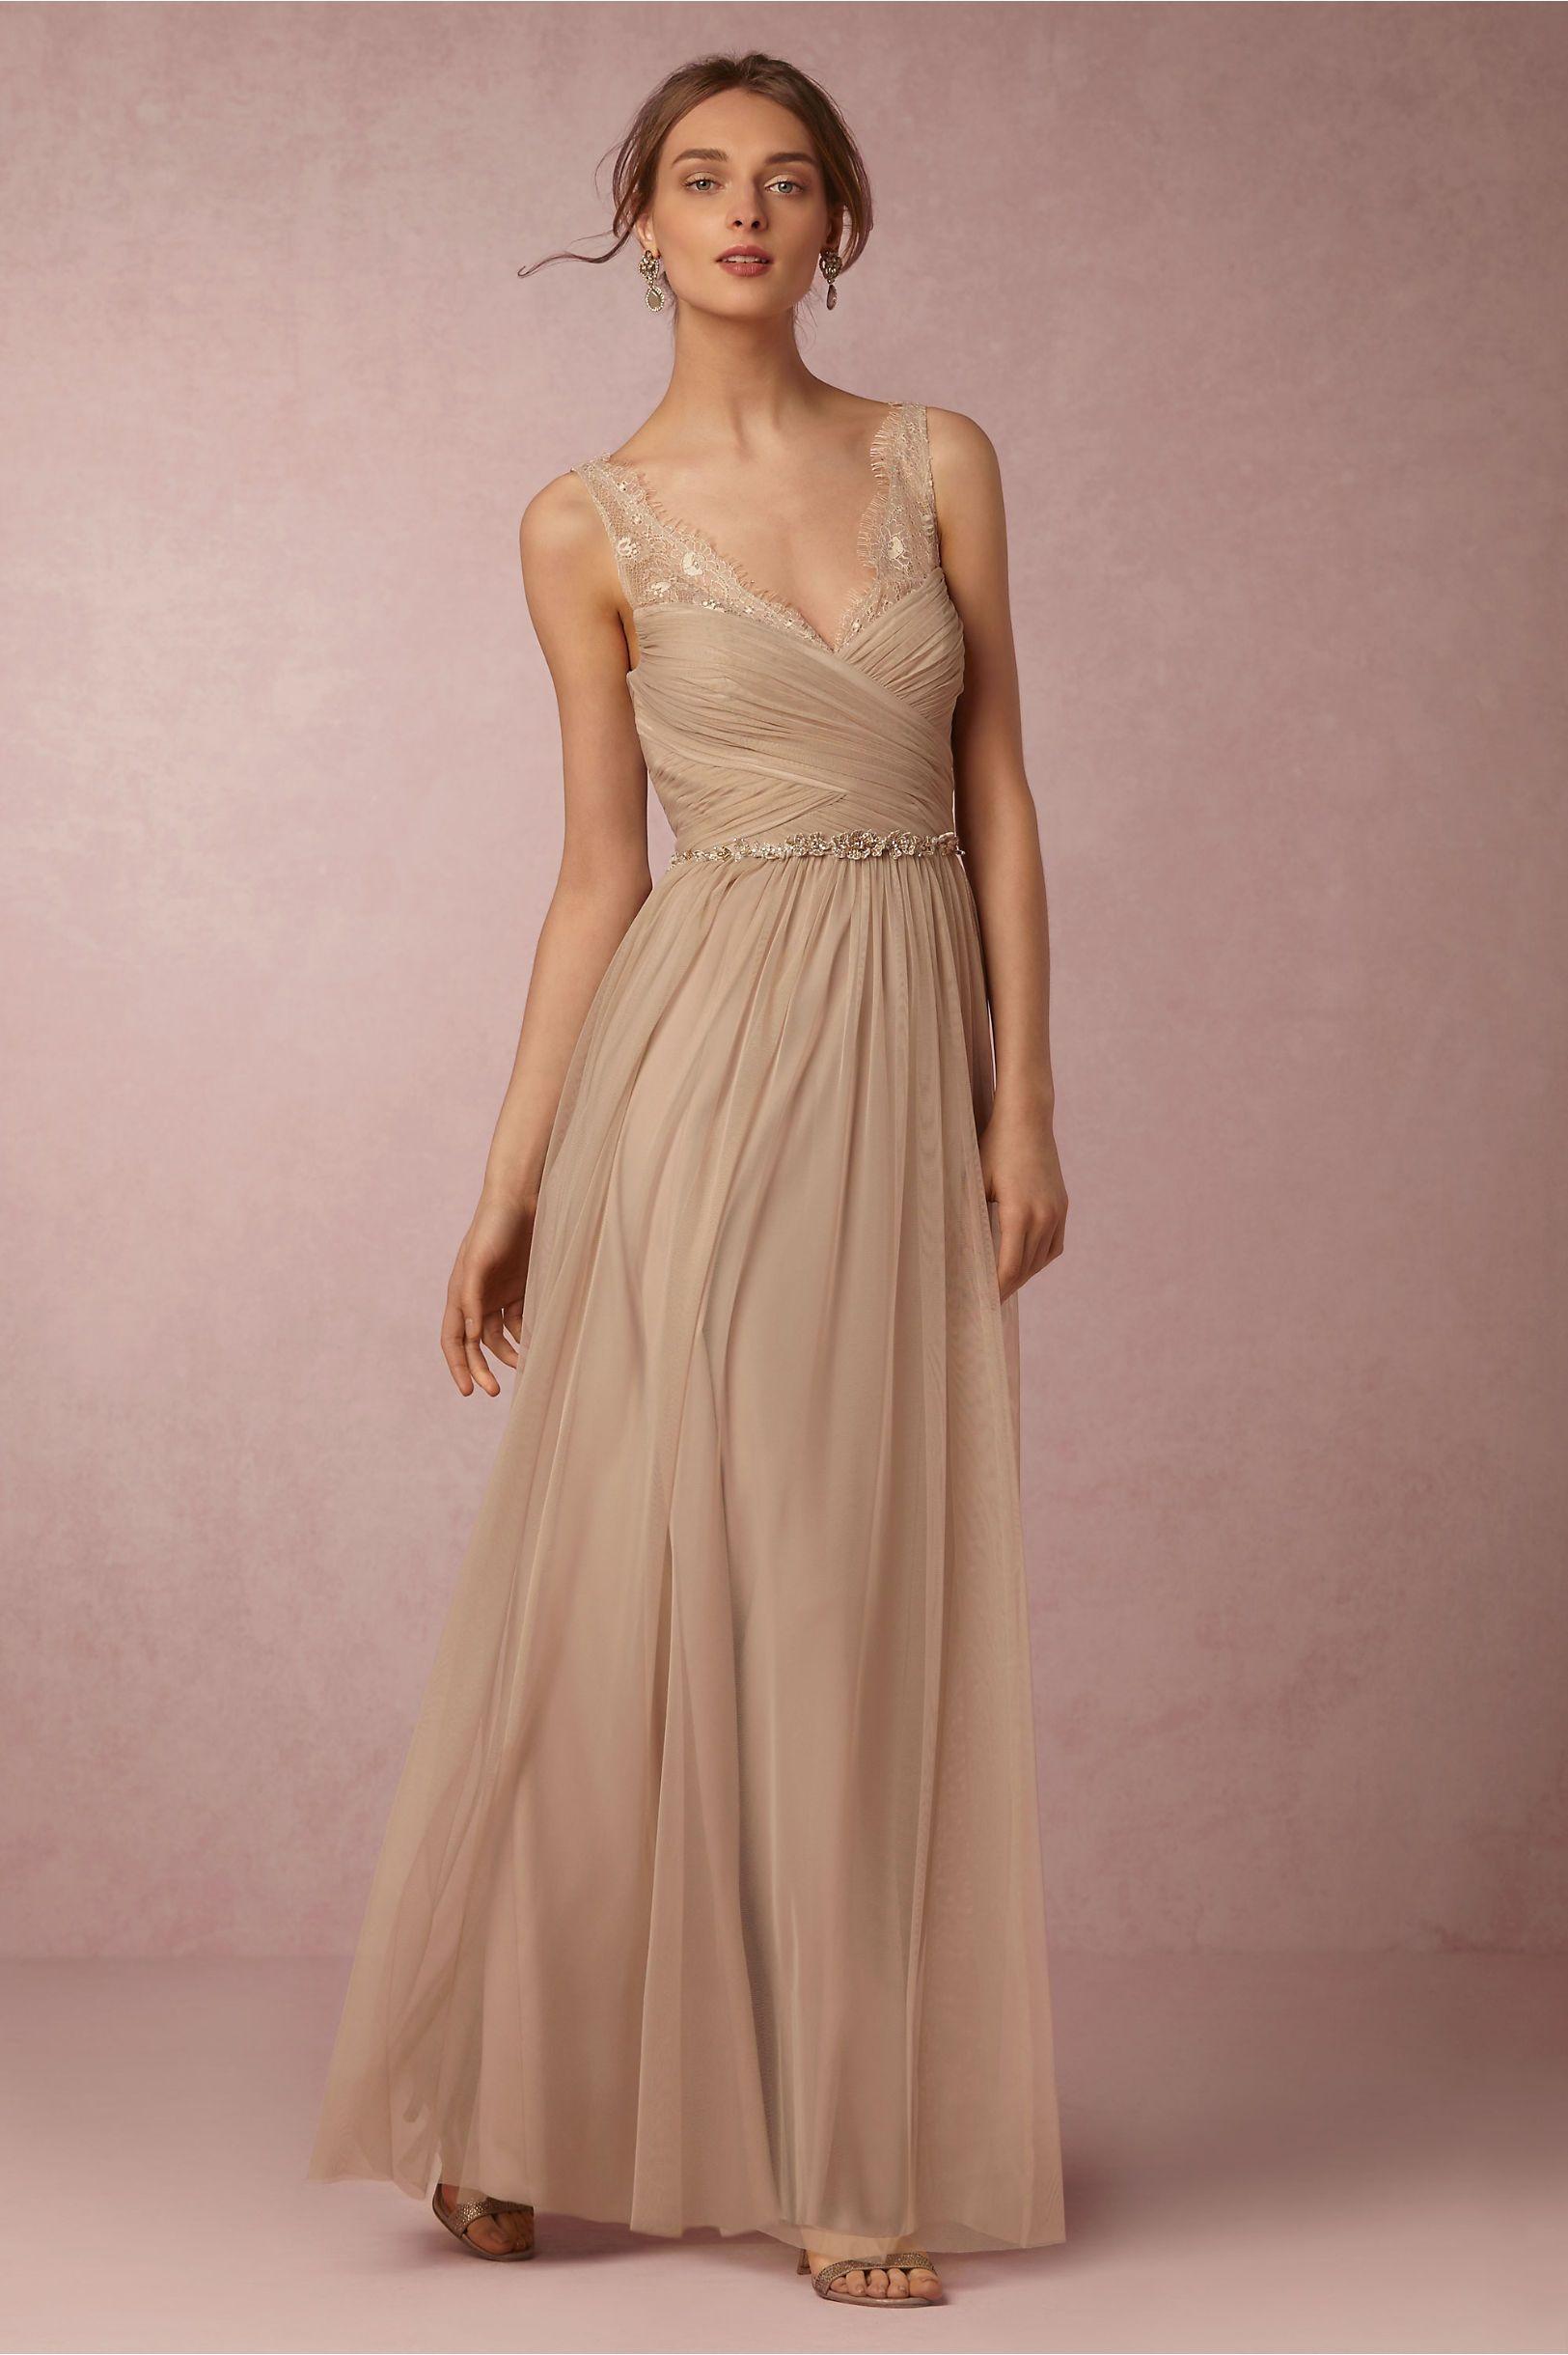 a2961443cbc5 BHLDN Fleur Dress in Bridesmaids Bridesmaid Dresses at BHLDN ...